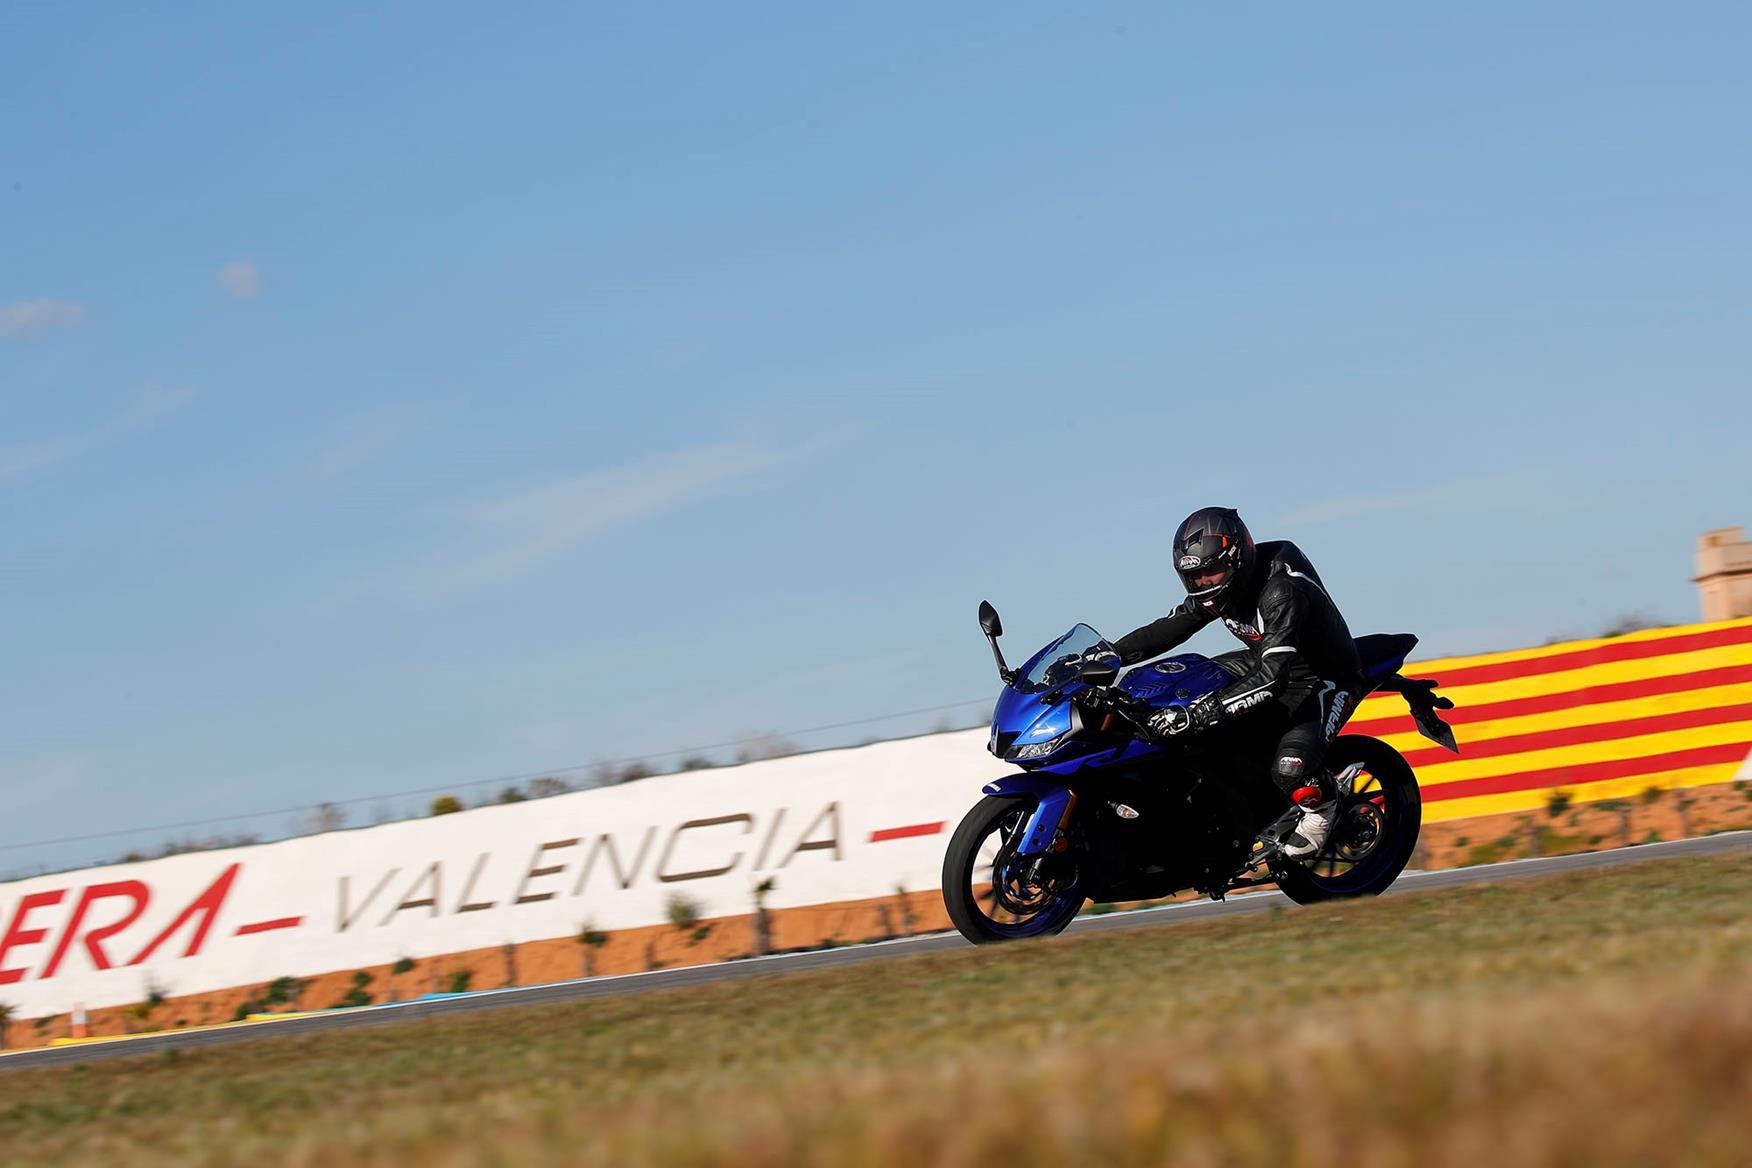 Yamaha R3 on track at Valencia